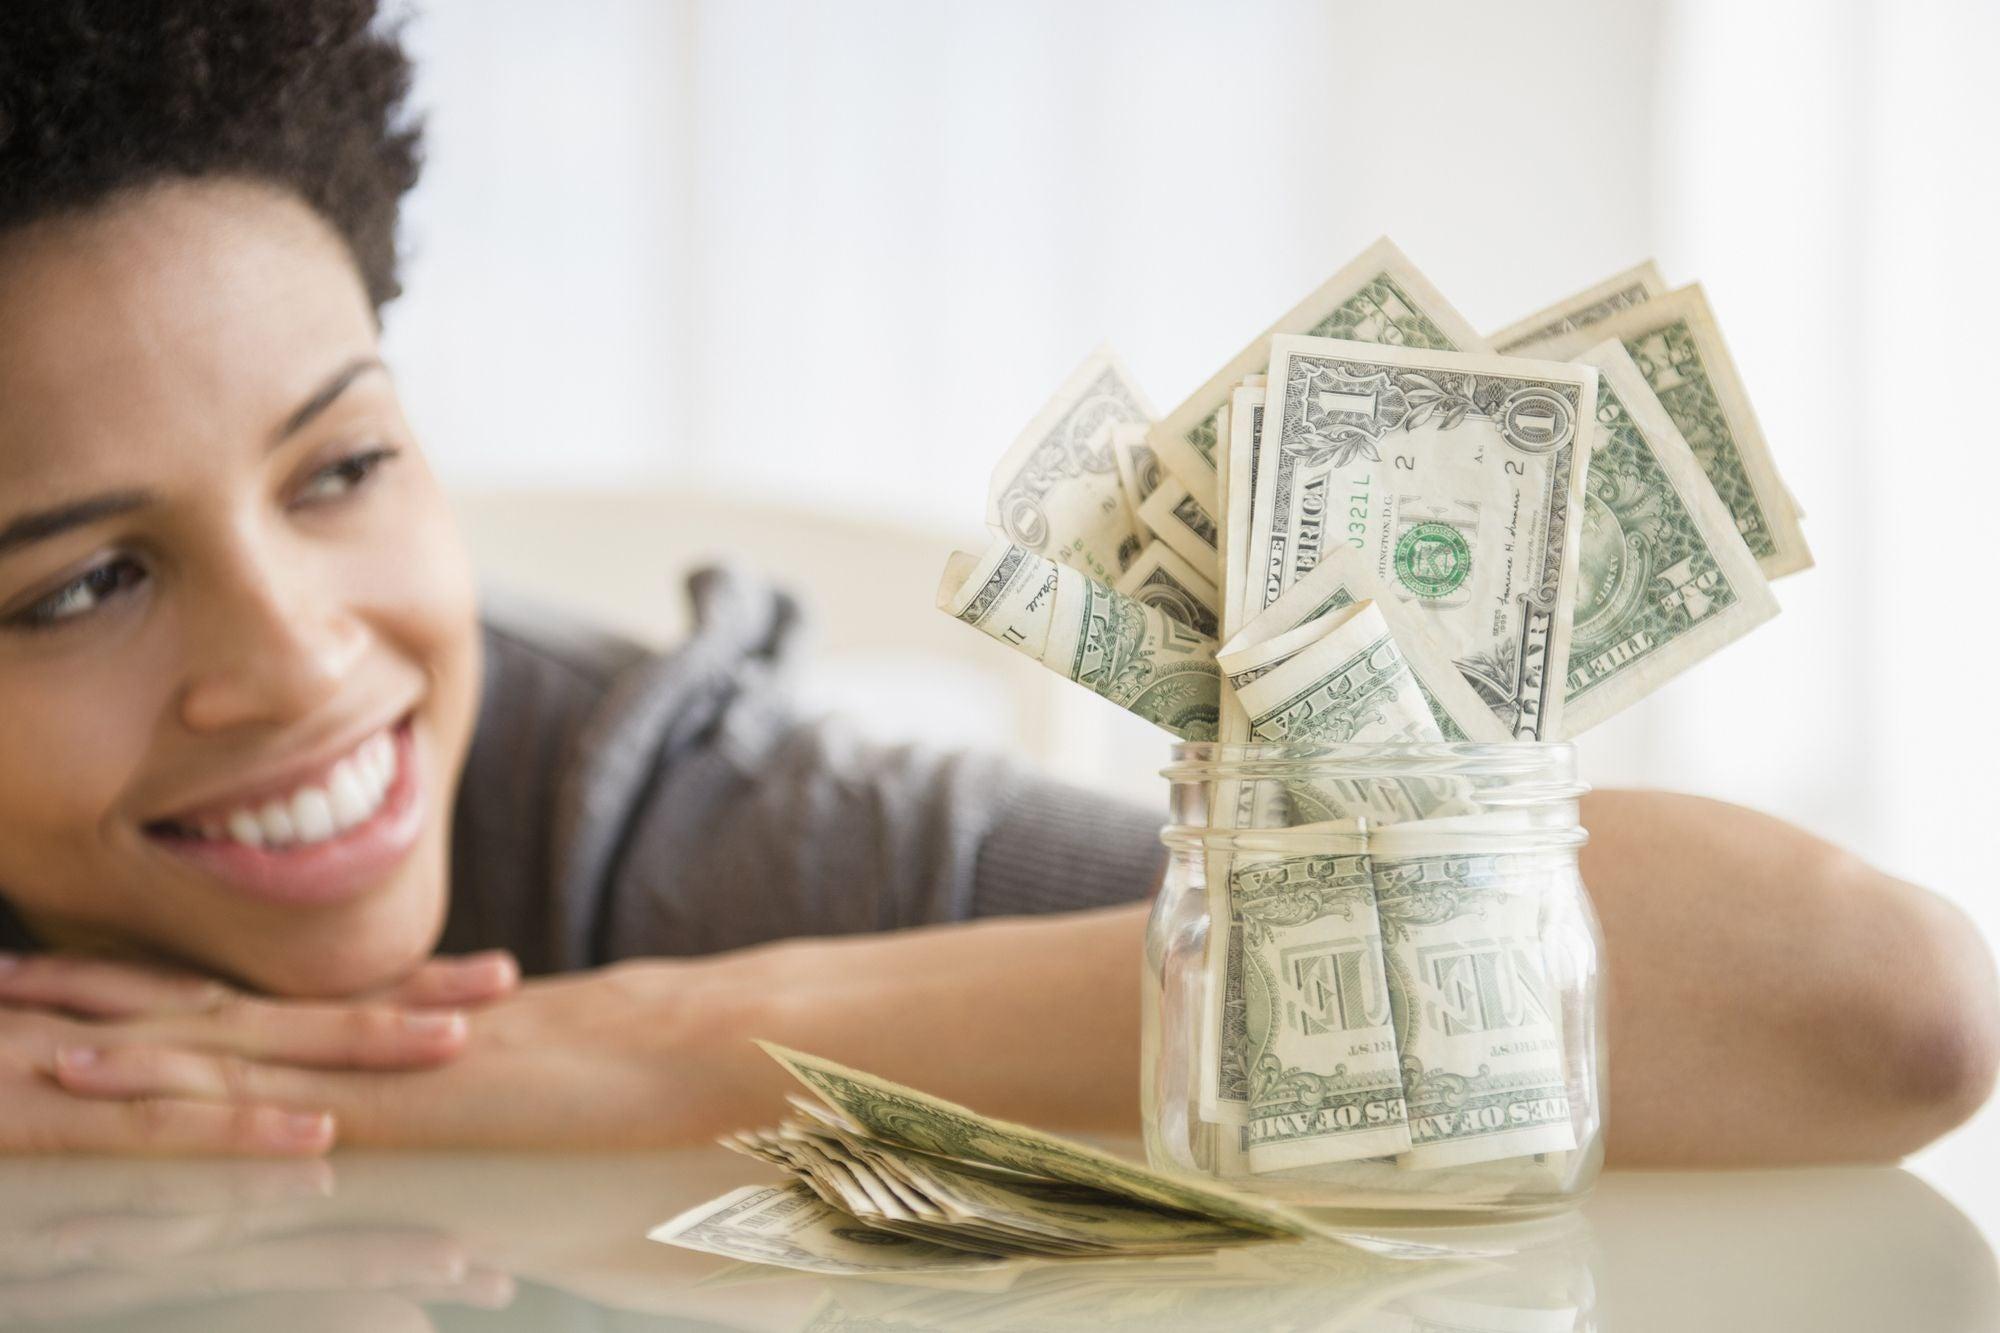 show me a skill to make money